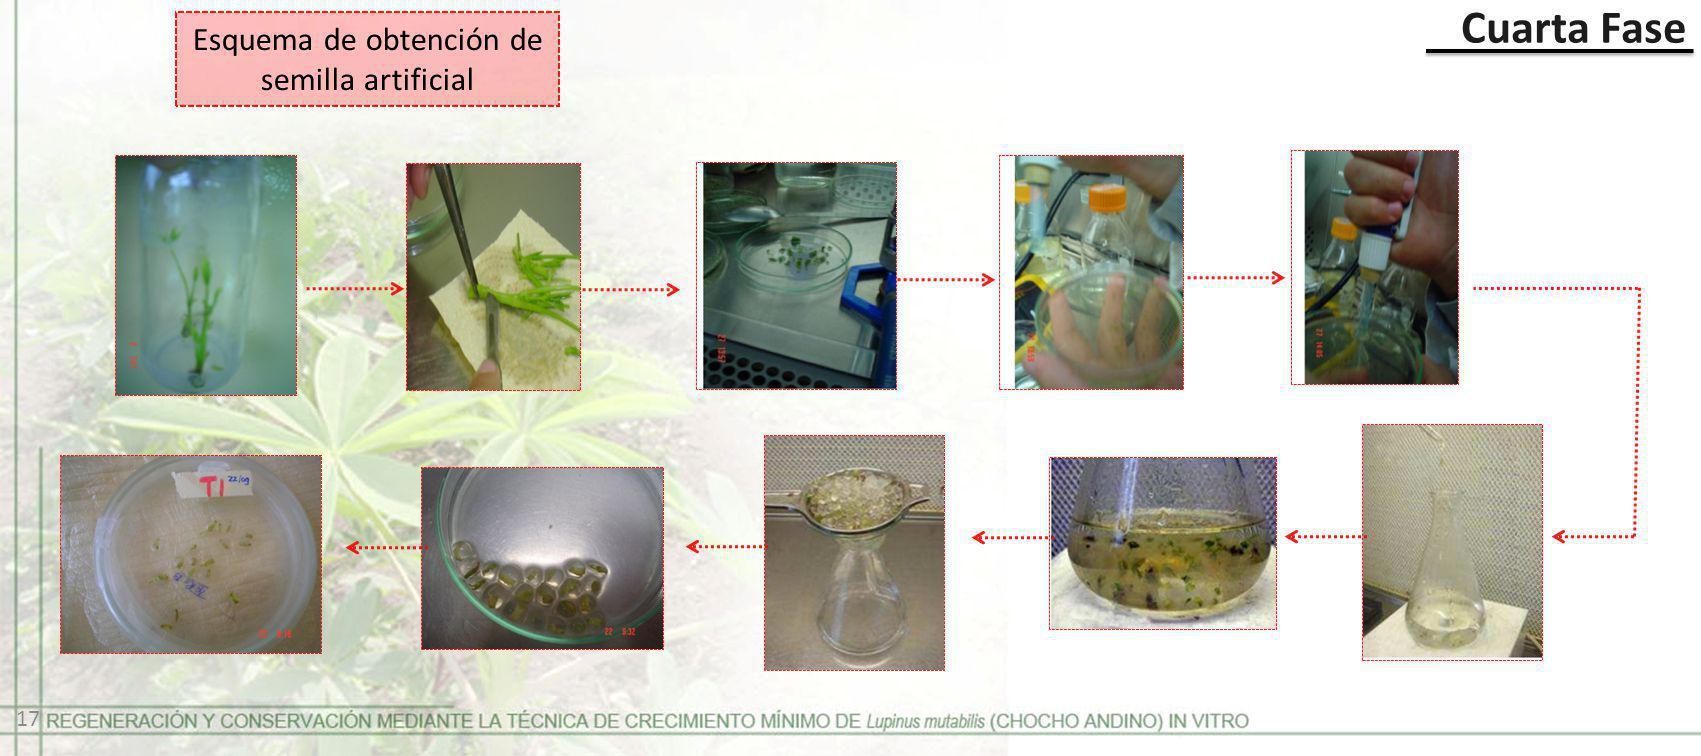 Cuarta Fase Esquema de obtención de semilla artificial 17